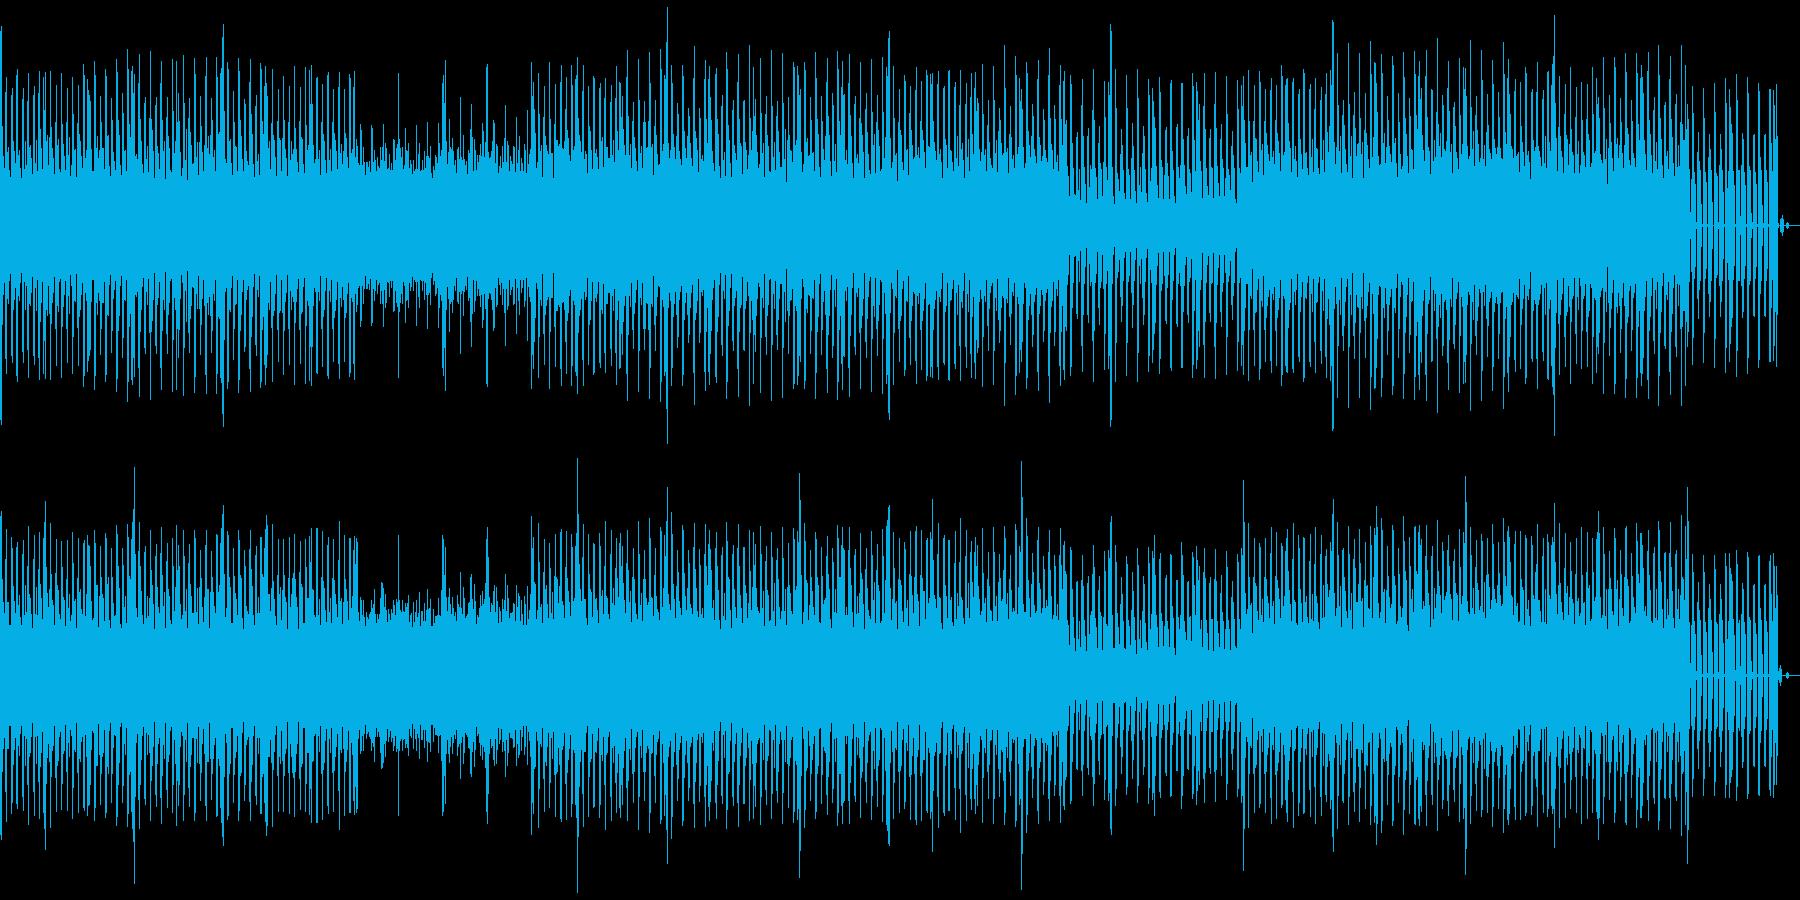 クールな印象のミニマルテクノの再生済みの波形